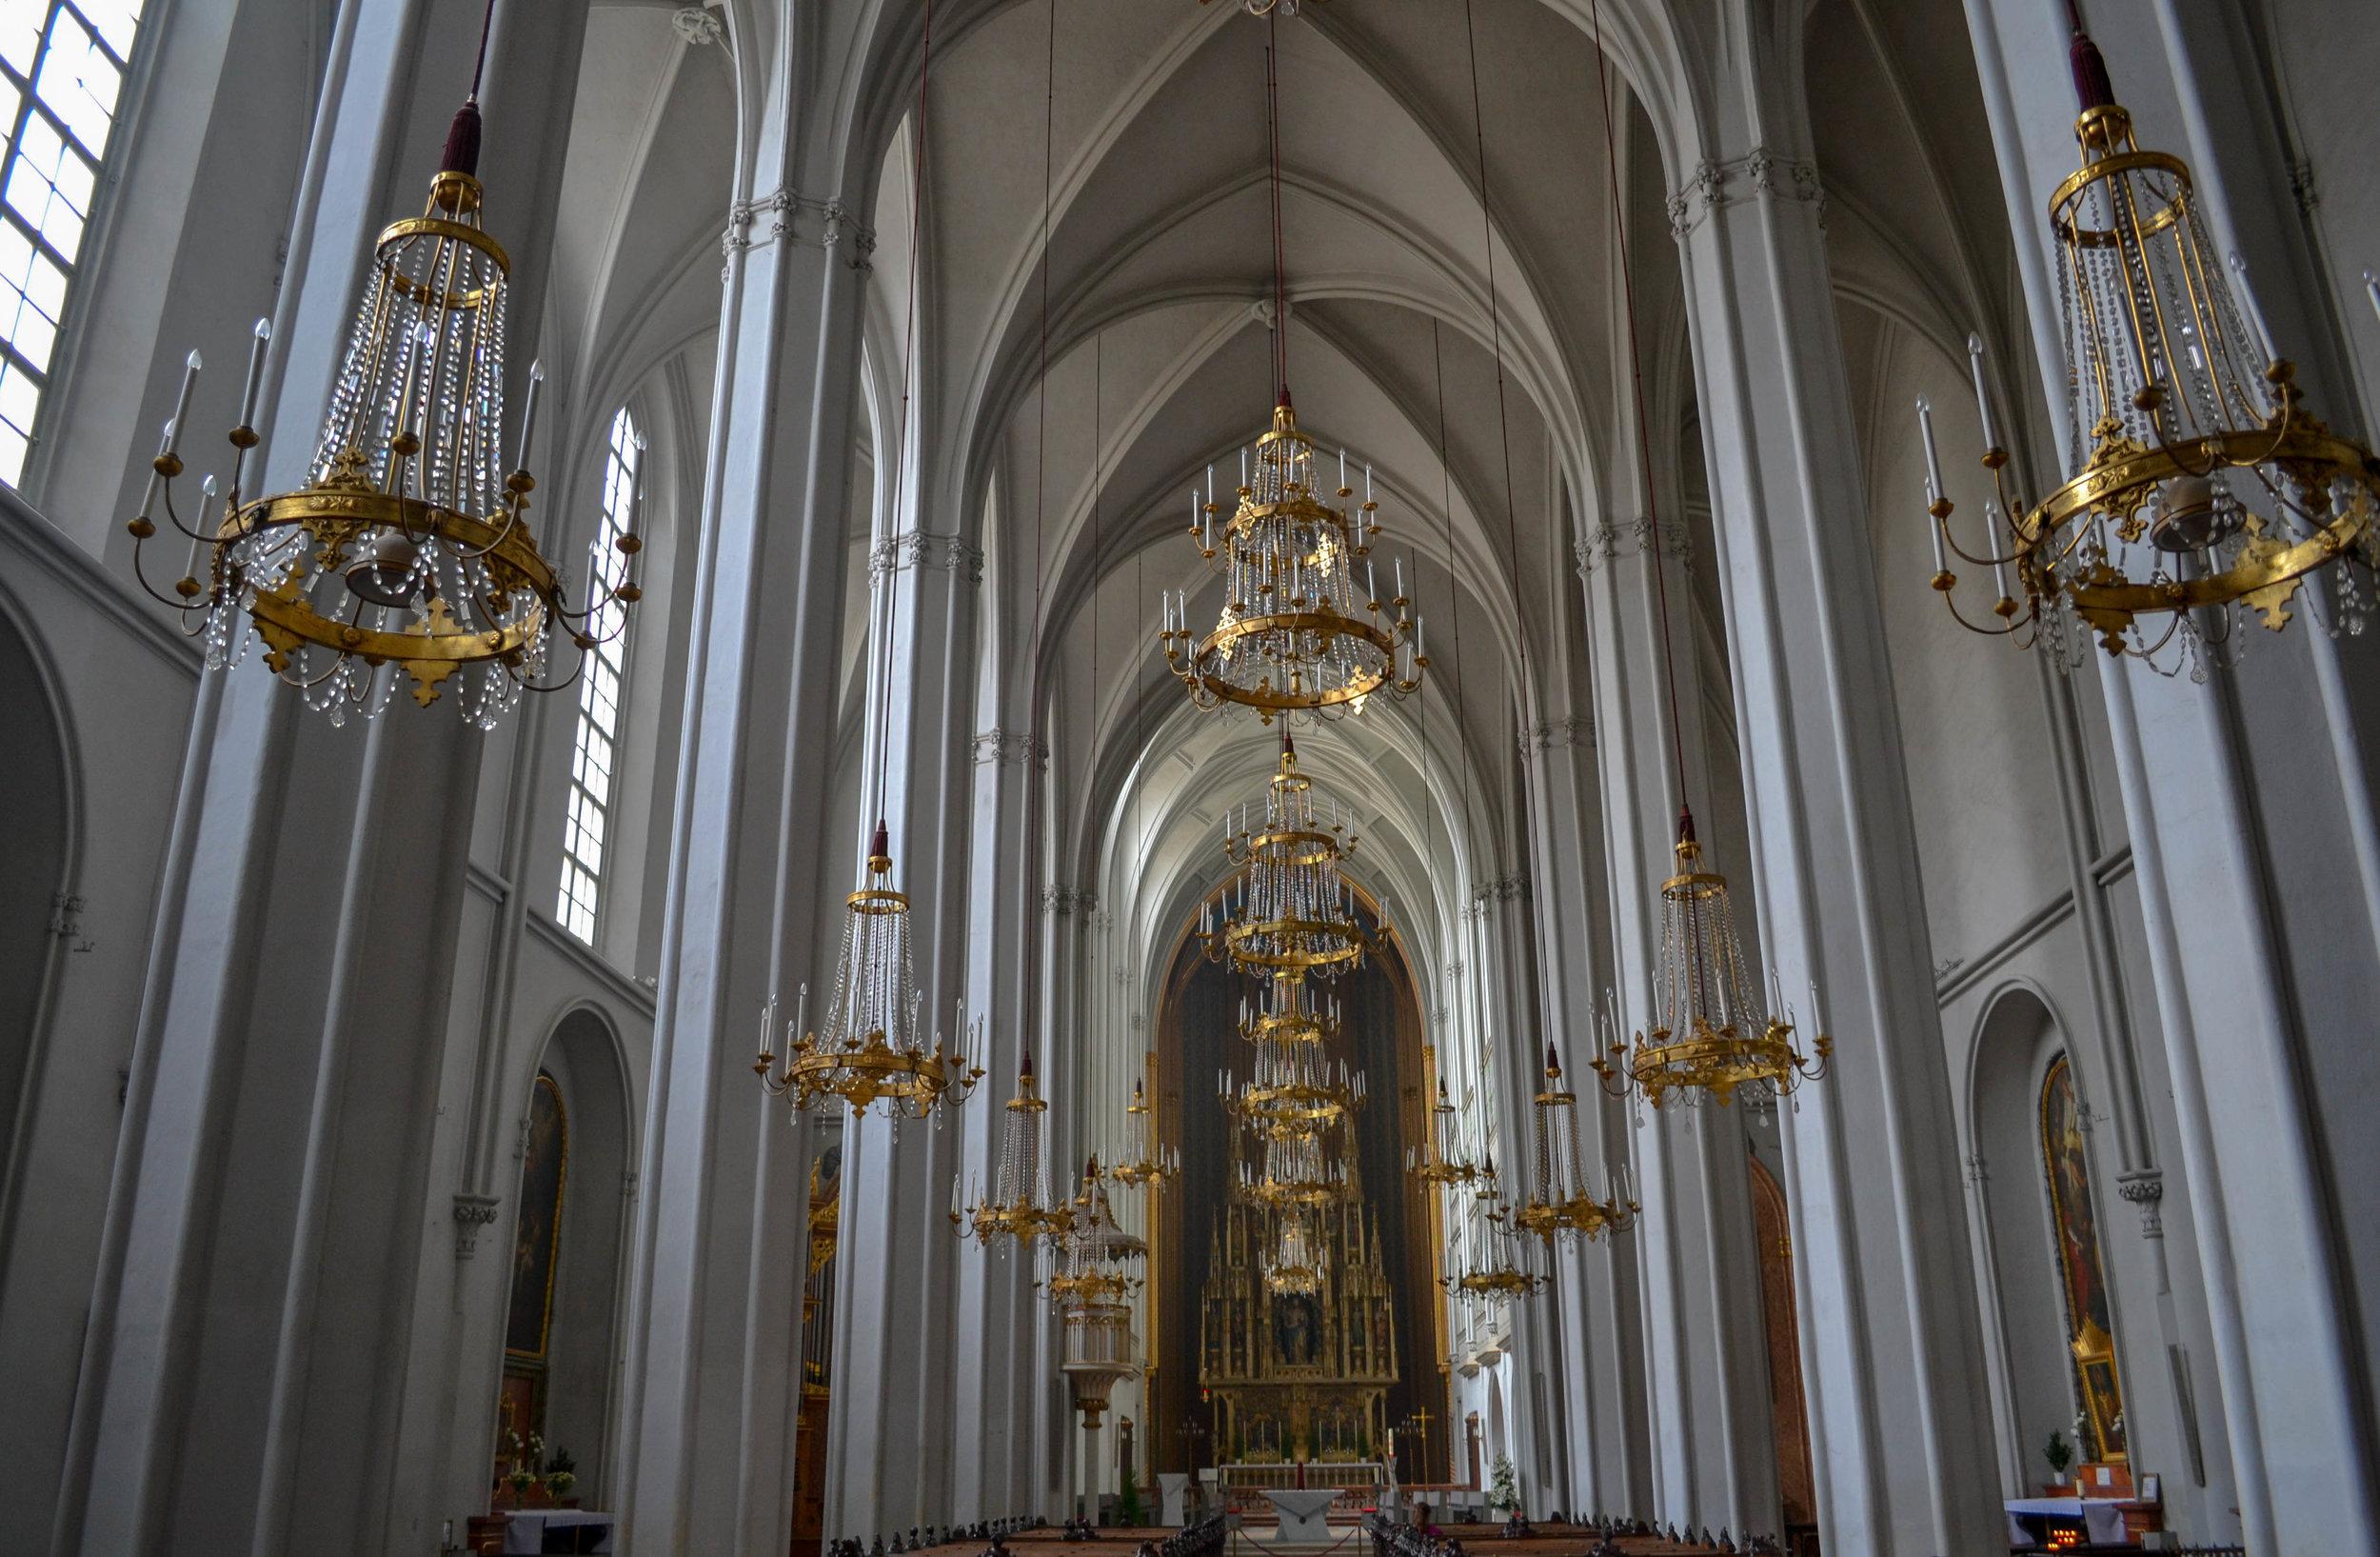 Augustinian Church Interior